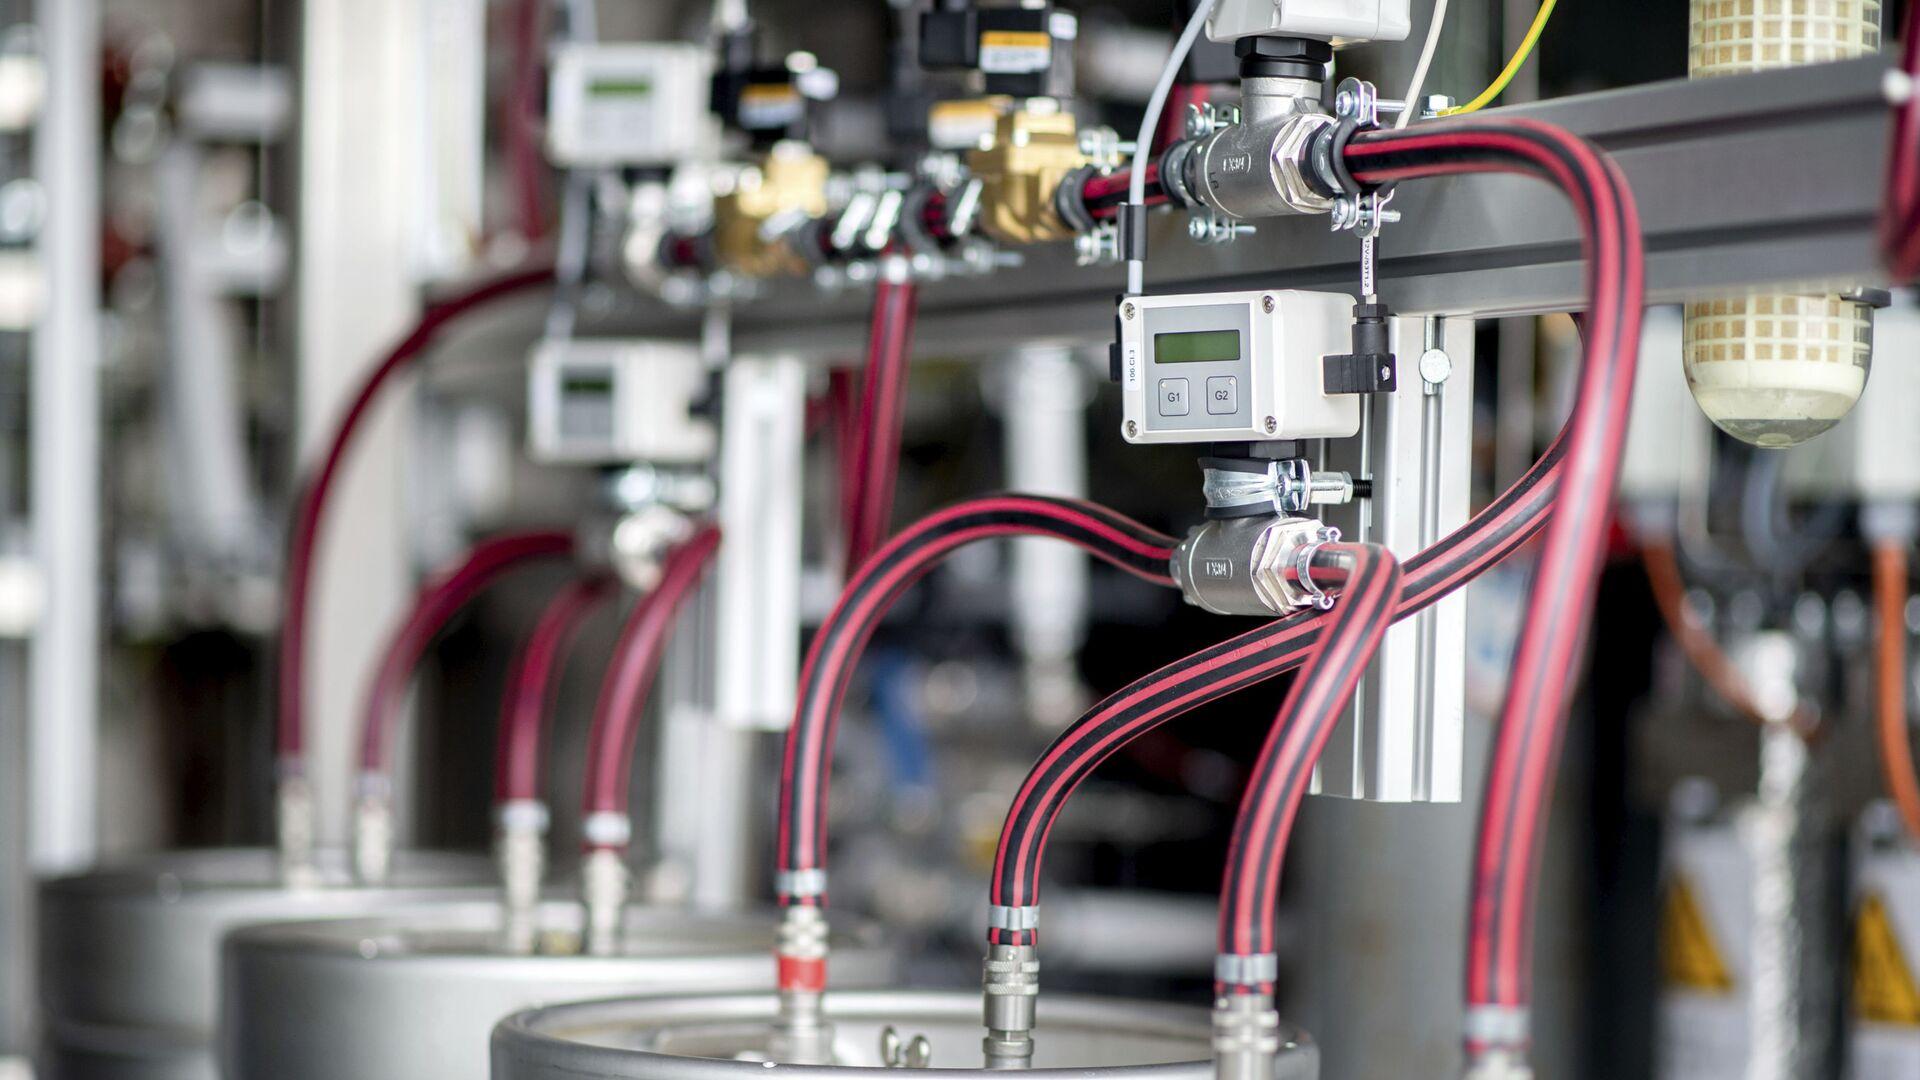 Equipo técnico para el electrolizador de una planta de producción de hidrógeno - Sputnik Mundo, 1920, 24.06.2021